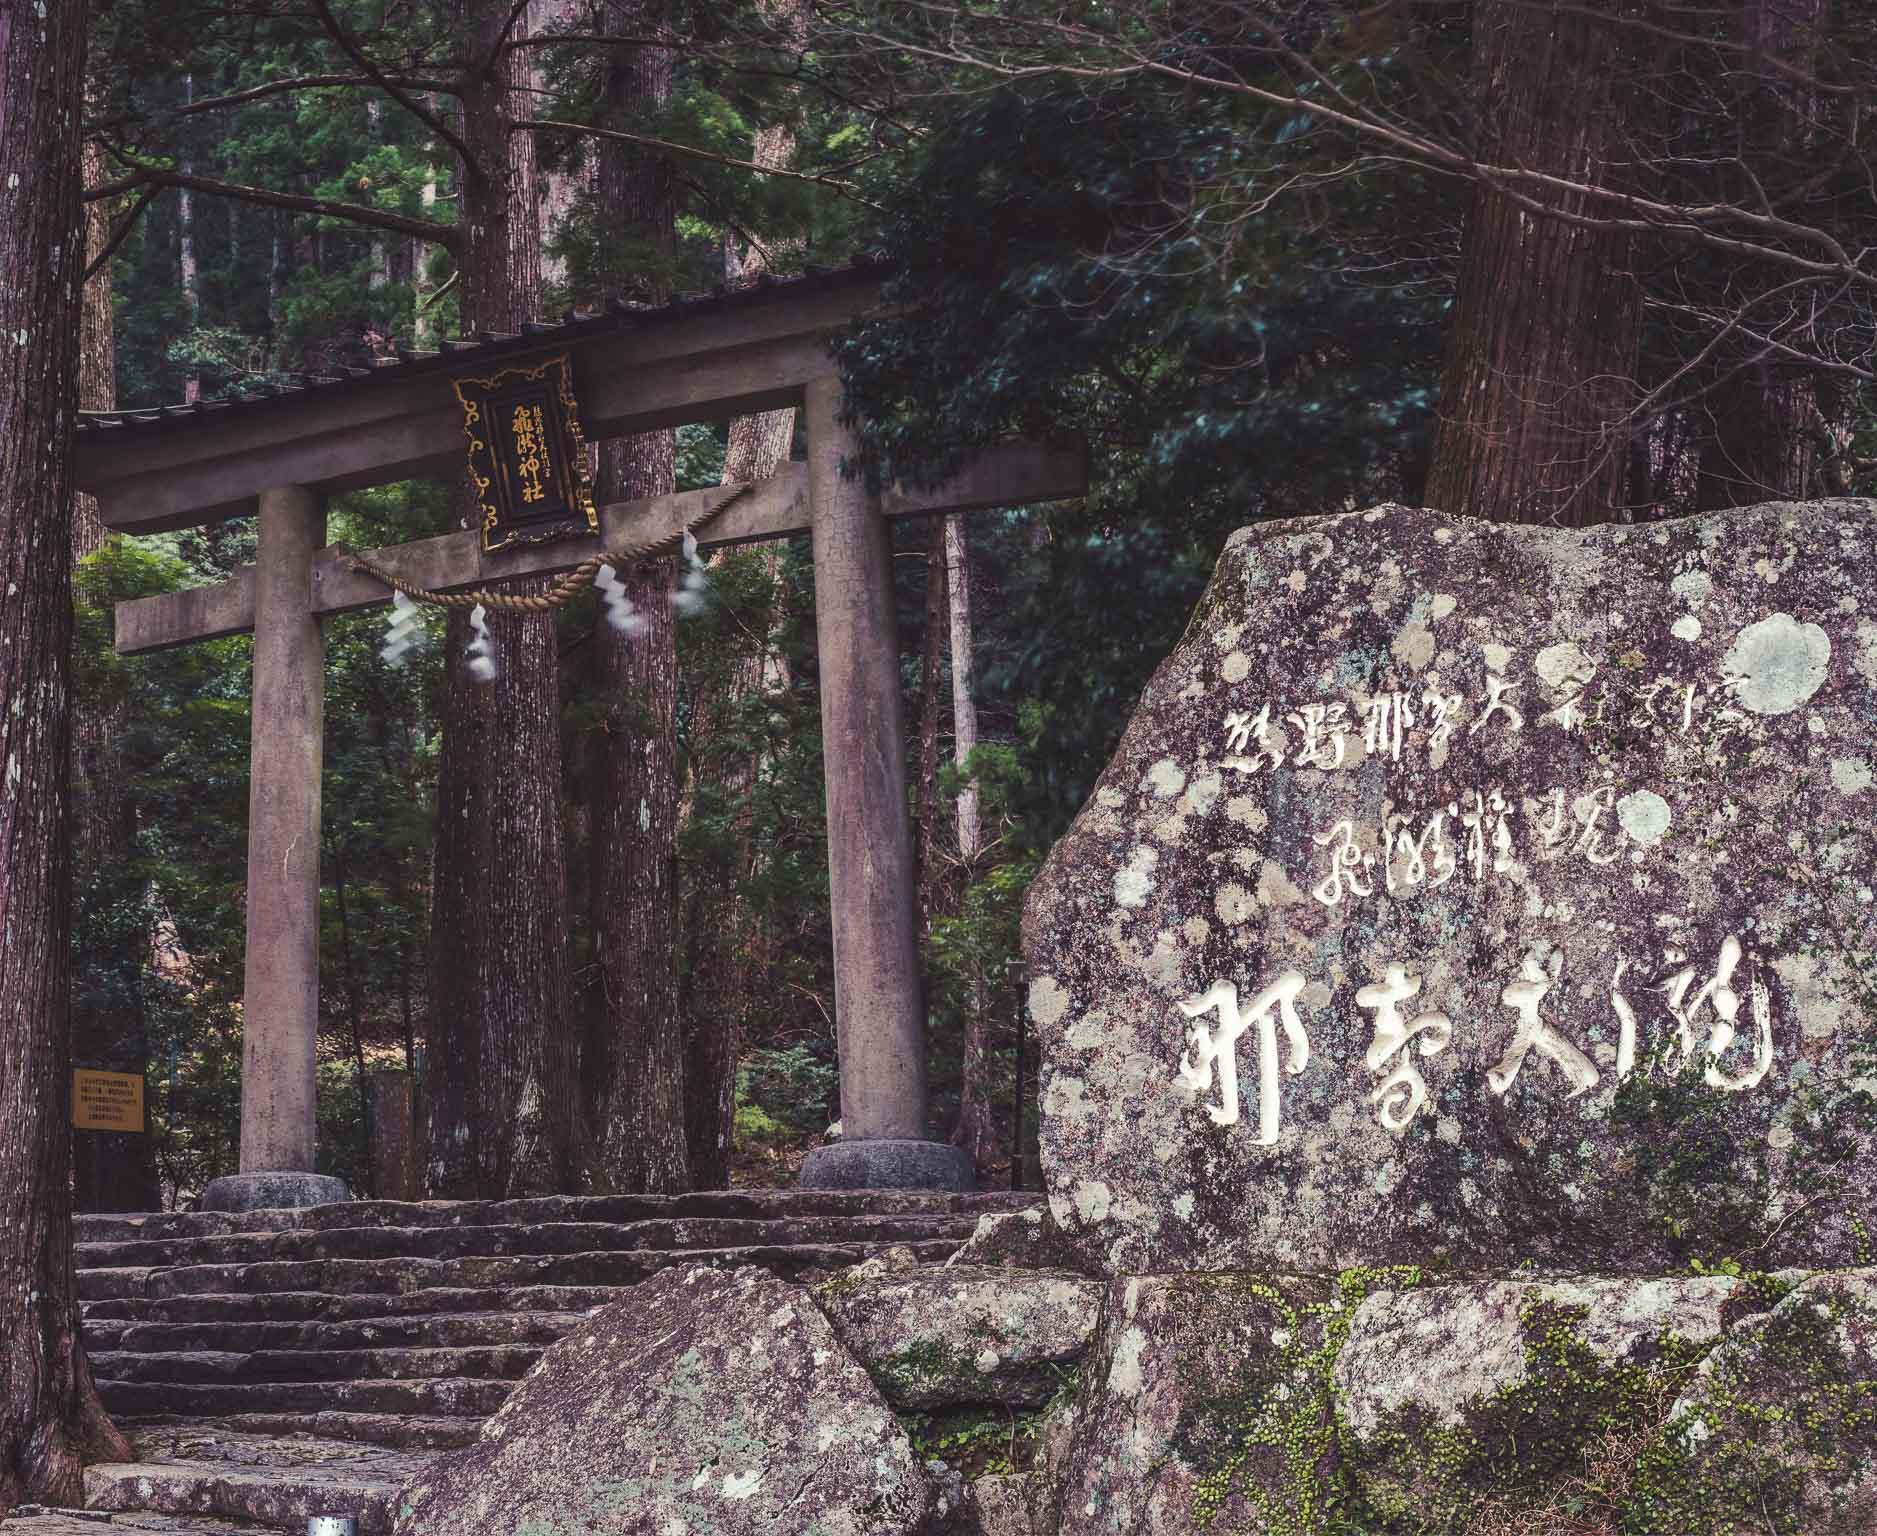 Kumano Kodo Pilgrim Route